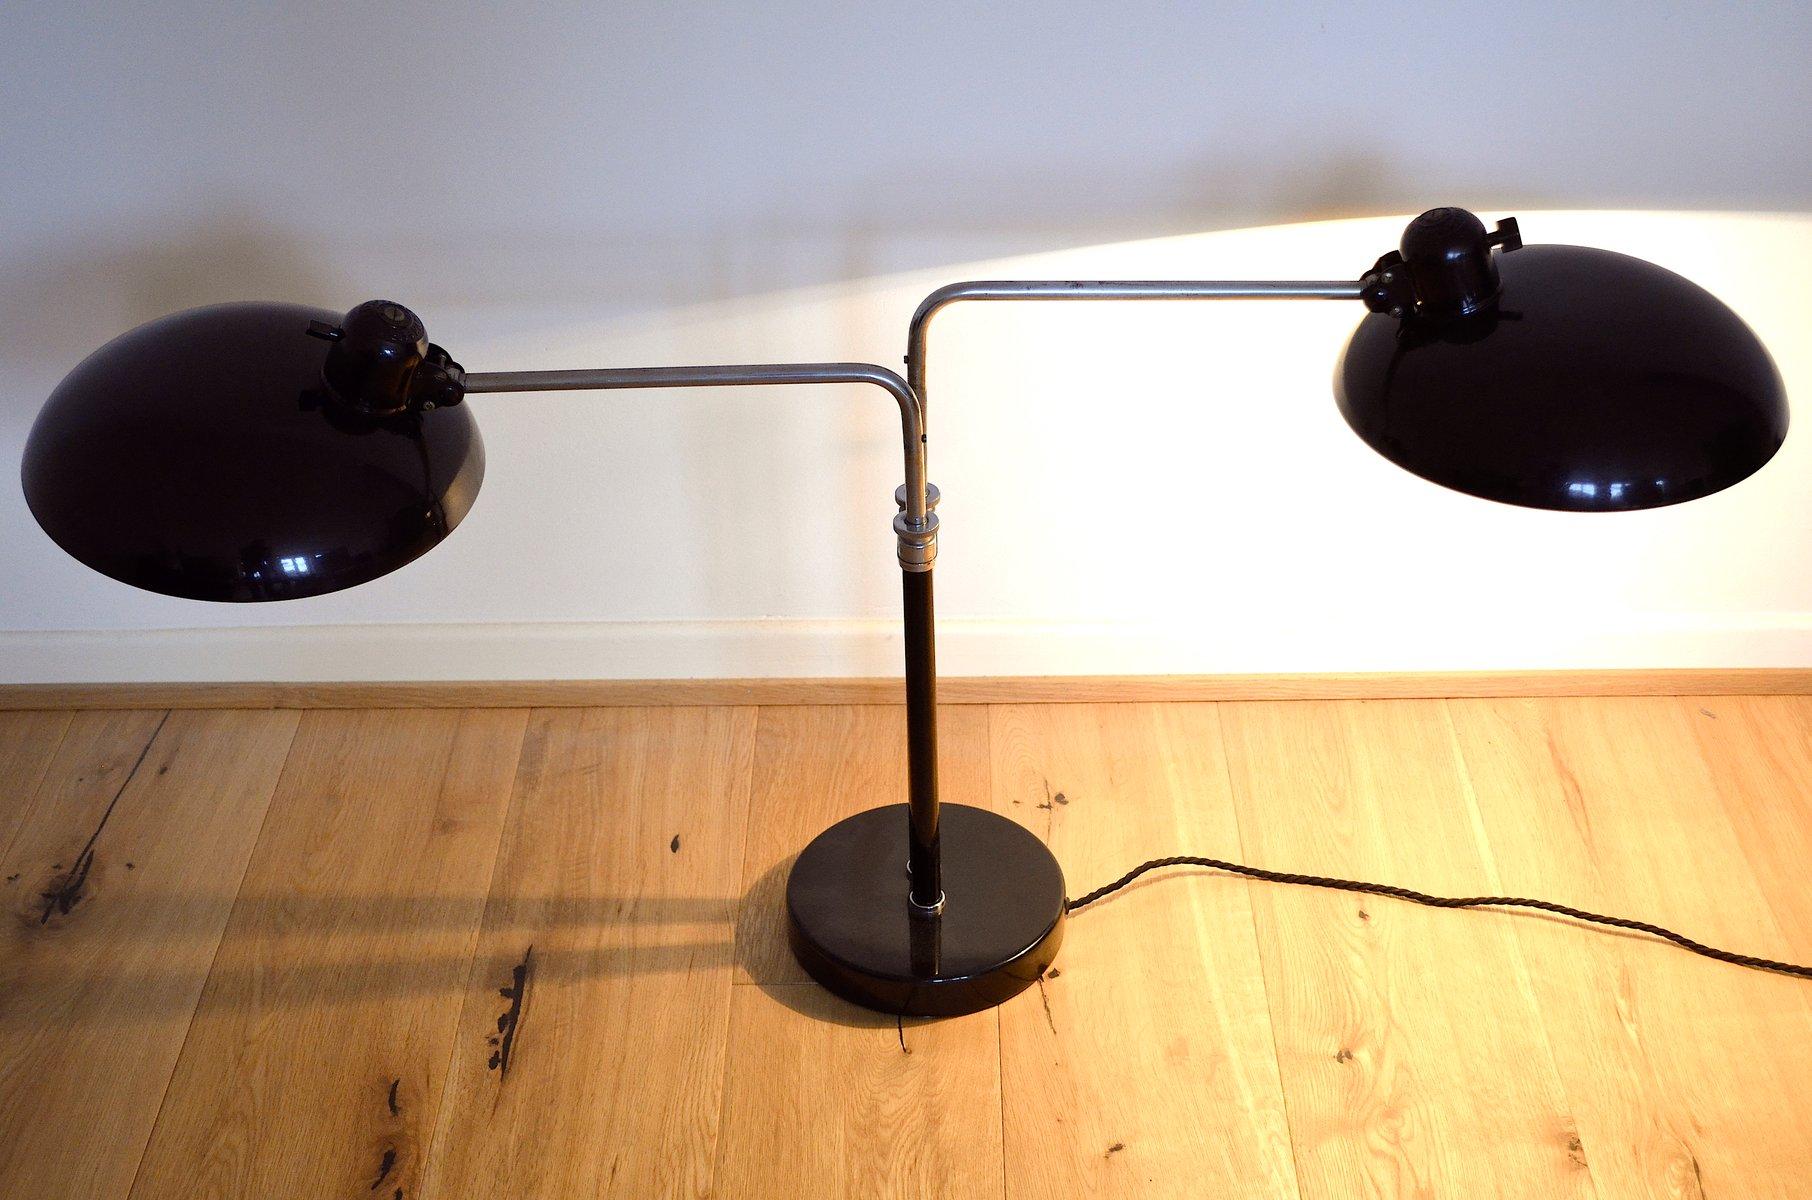 vintage modell 6580 lampe mit 2 leuchten von christian dell f r kaiser idell bei pamono kaufen. Black Bedroom Furniture Sets. Home Design Ideas